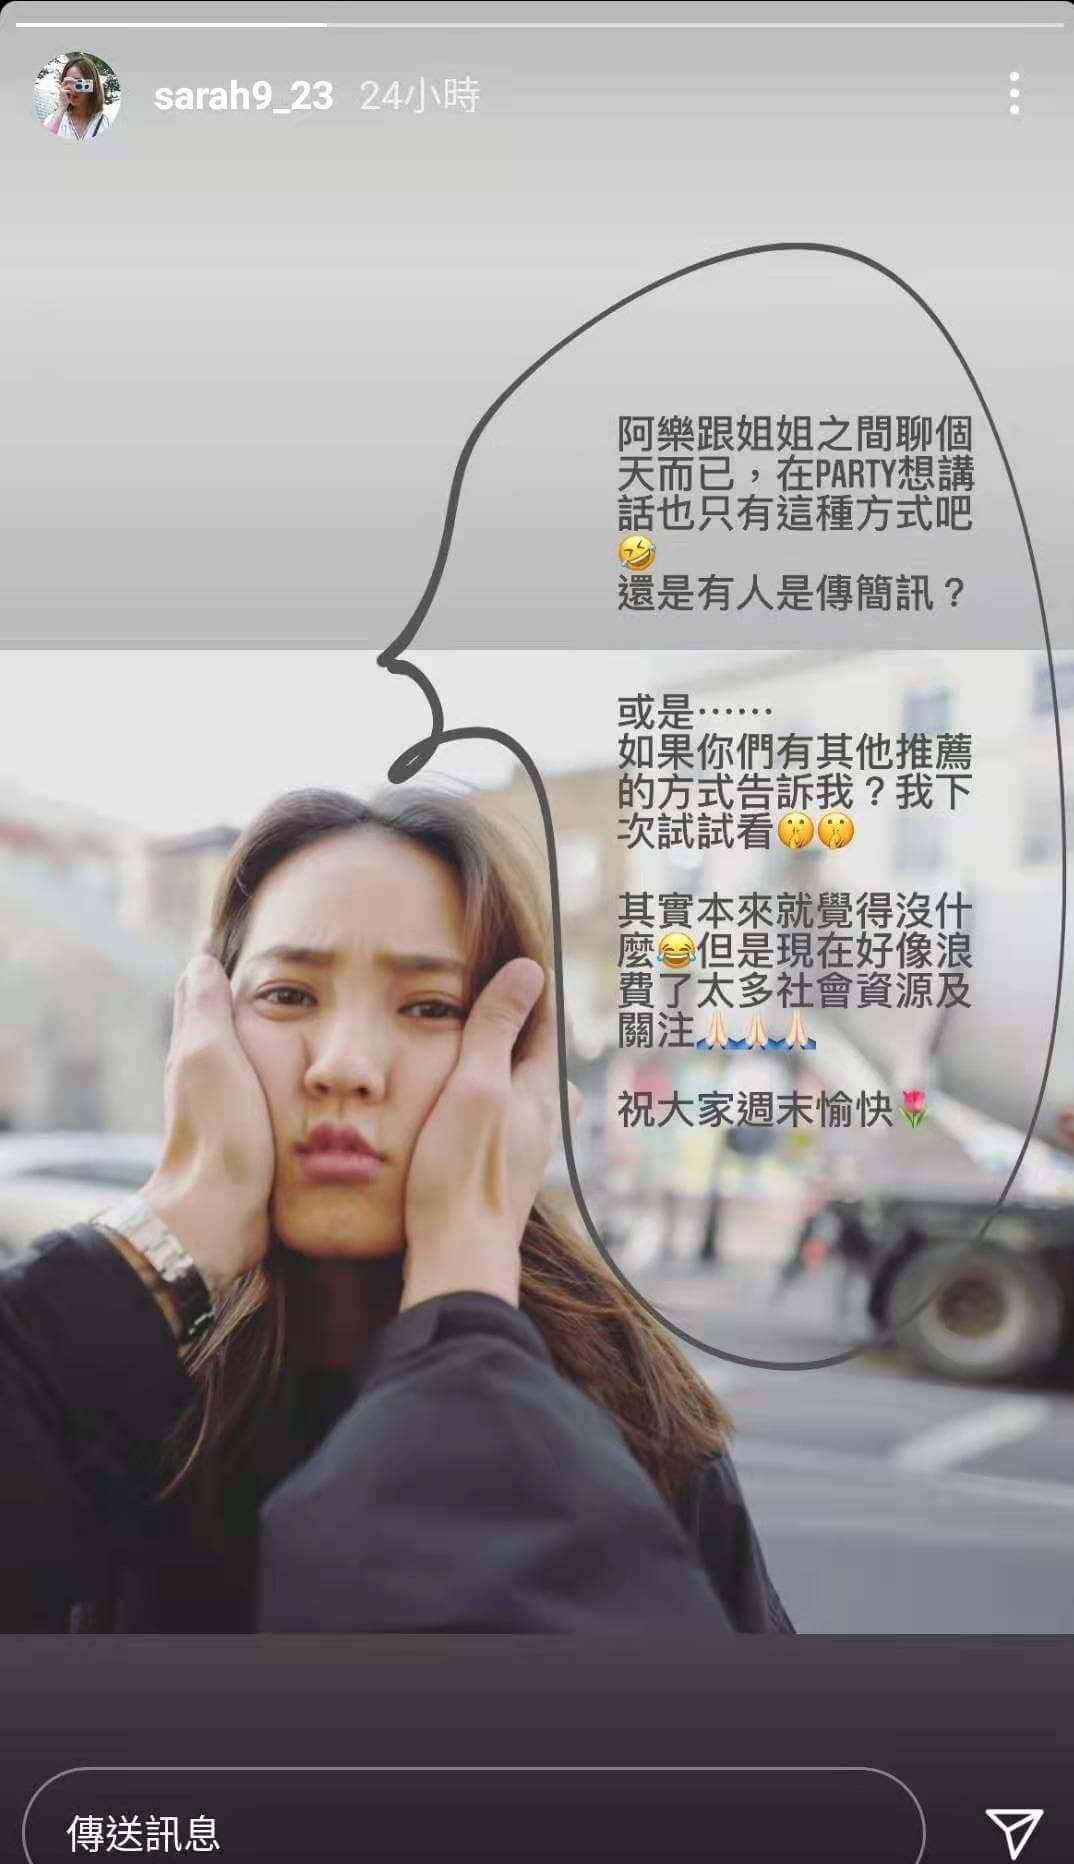 王棠云於IG限時動態回應余文樂夜店事件